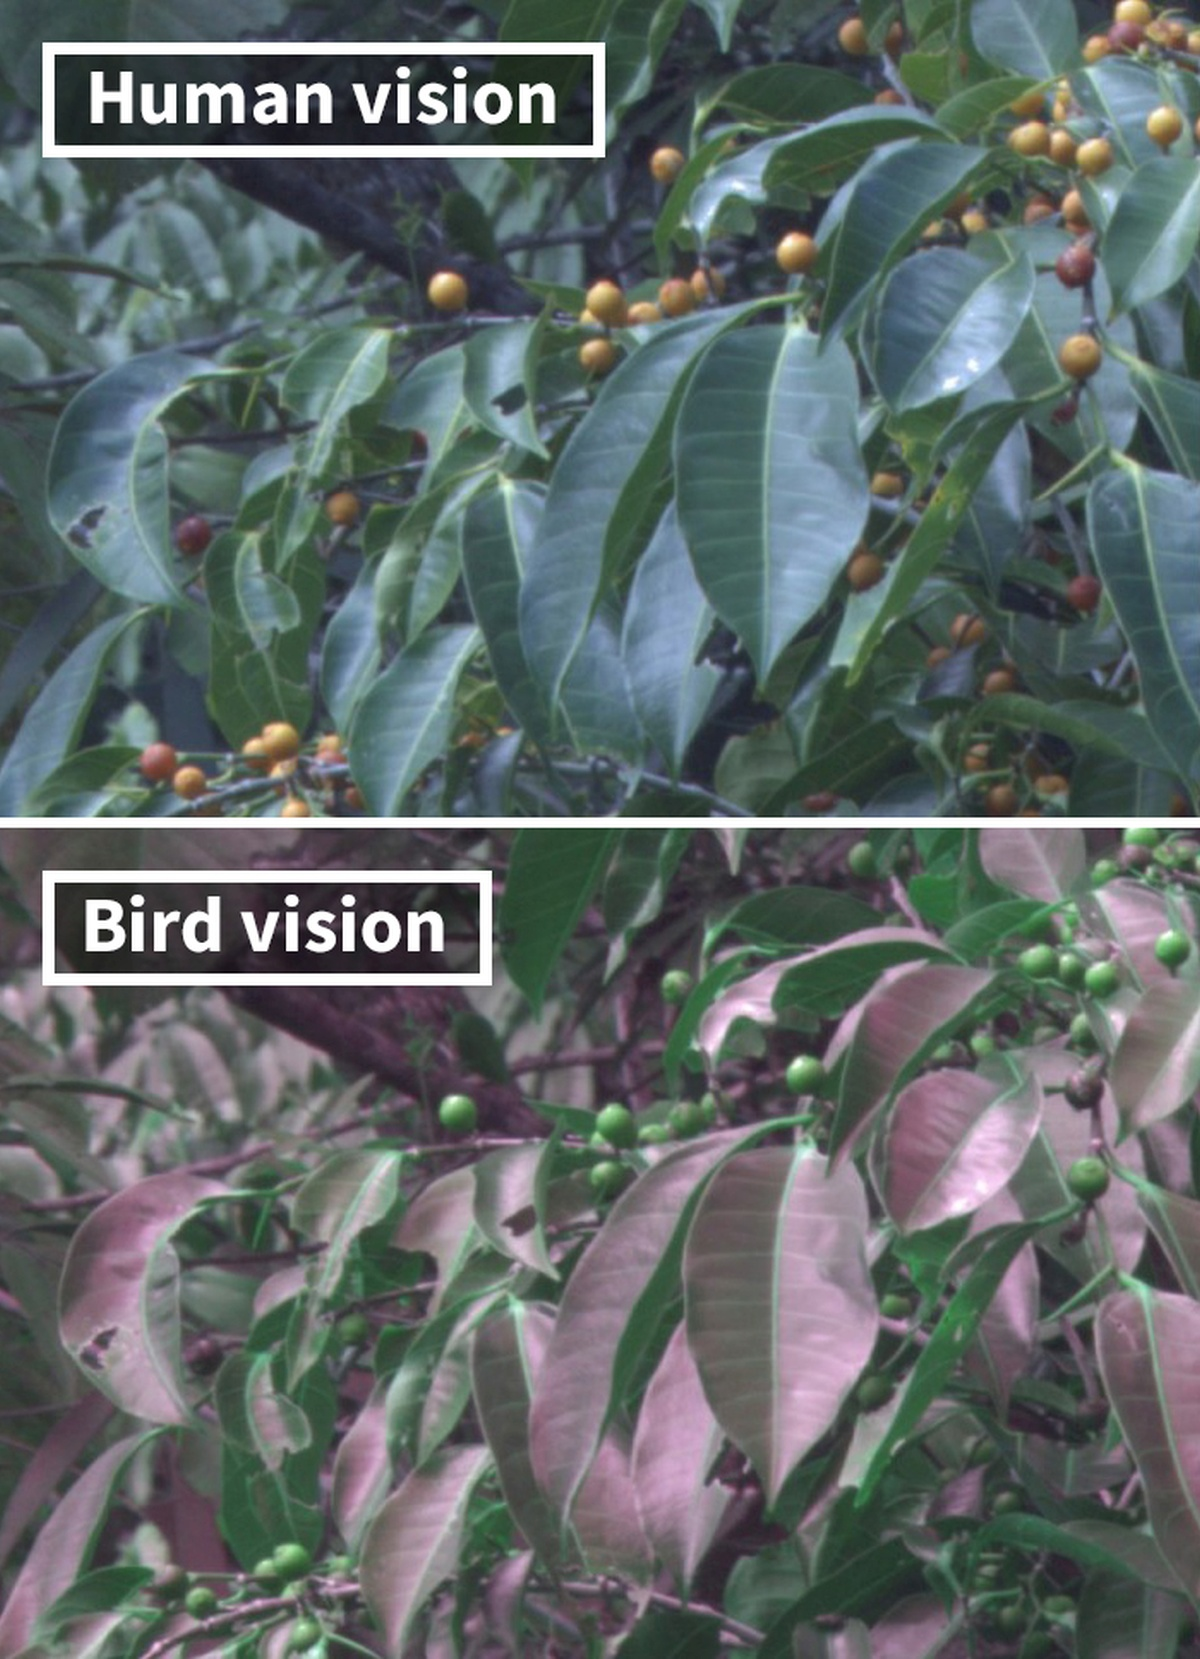 Human Vision vs Bird Vision